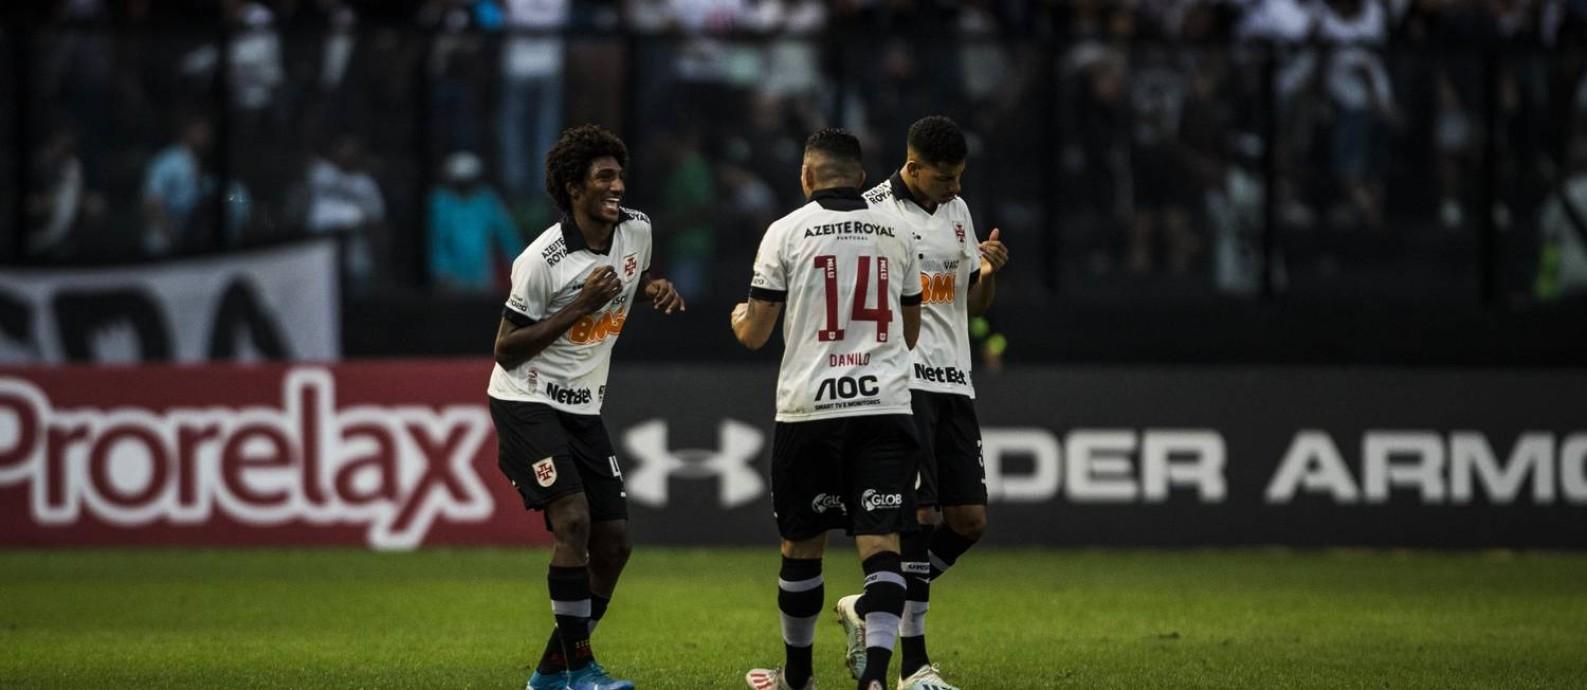 Talles Magno comemora com Danilo Barcelos o primeiro gol do Vasco Foto: Guito Moreto / Agência O Globo